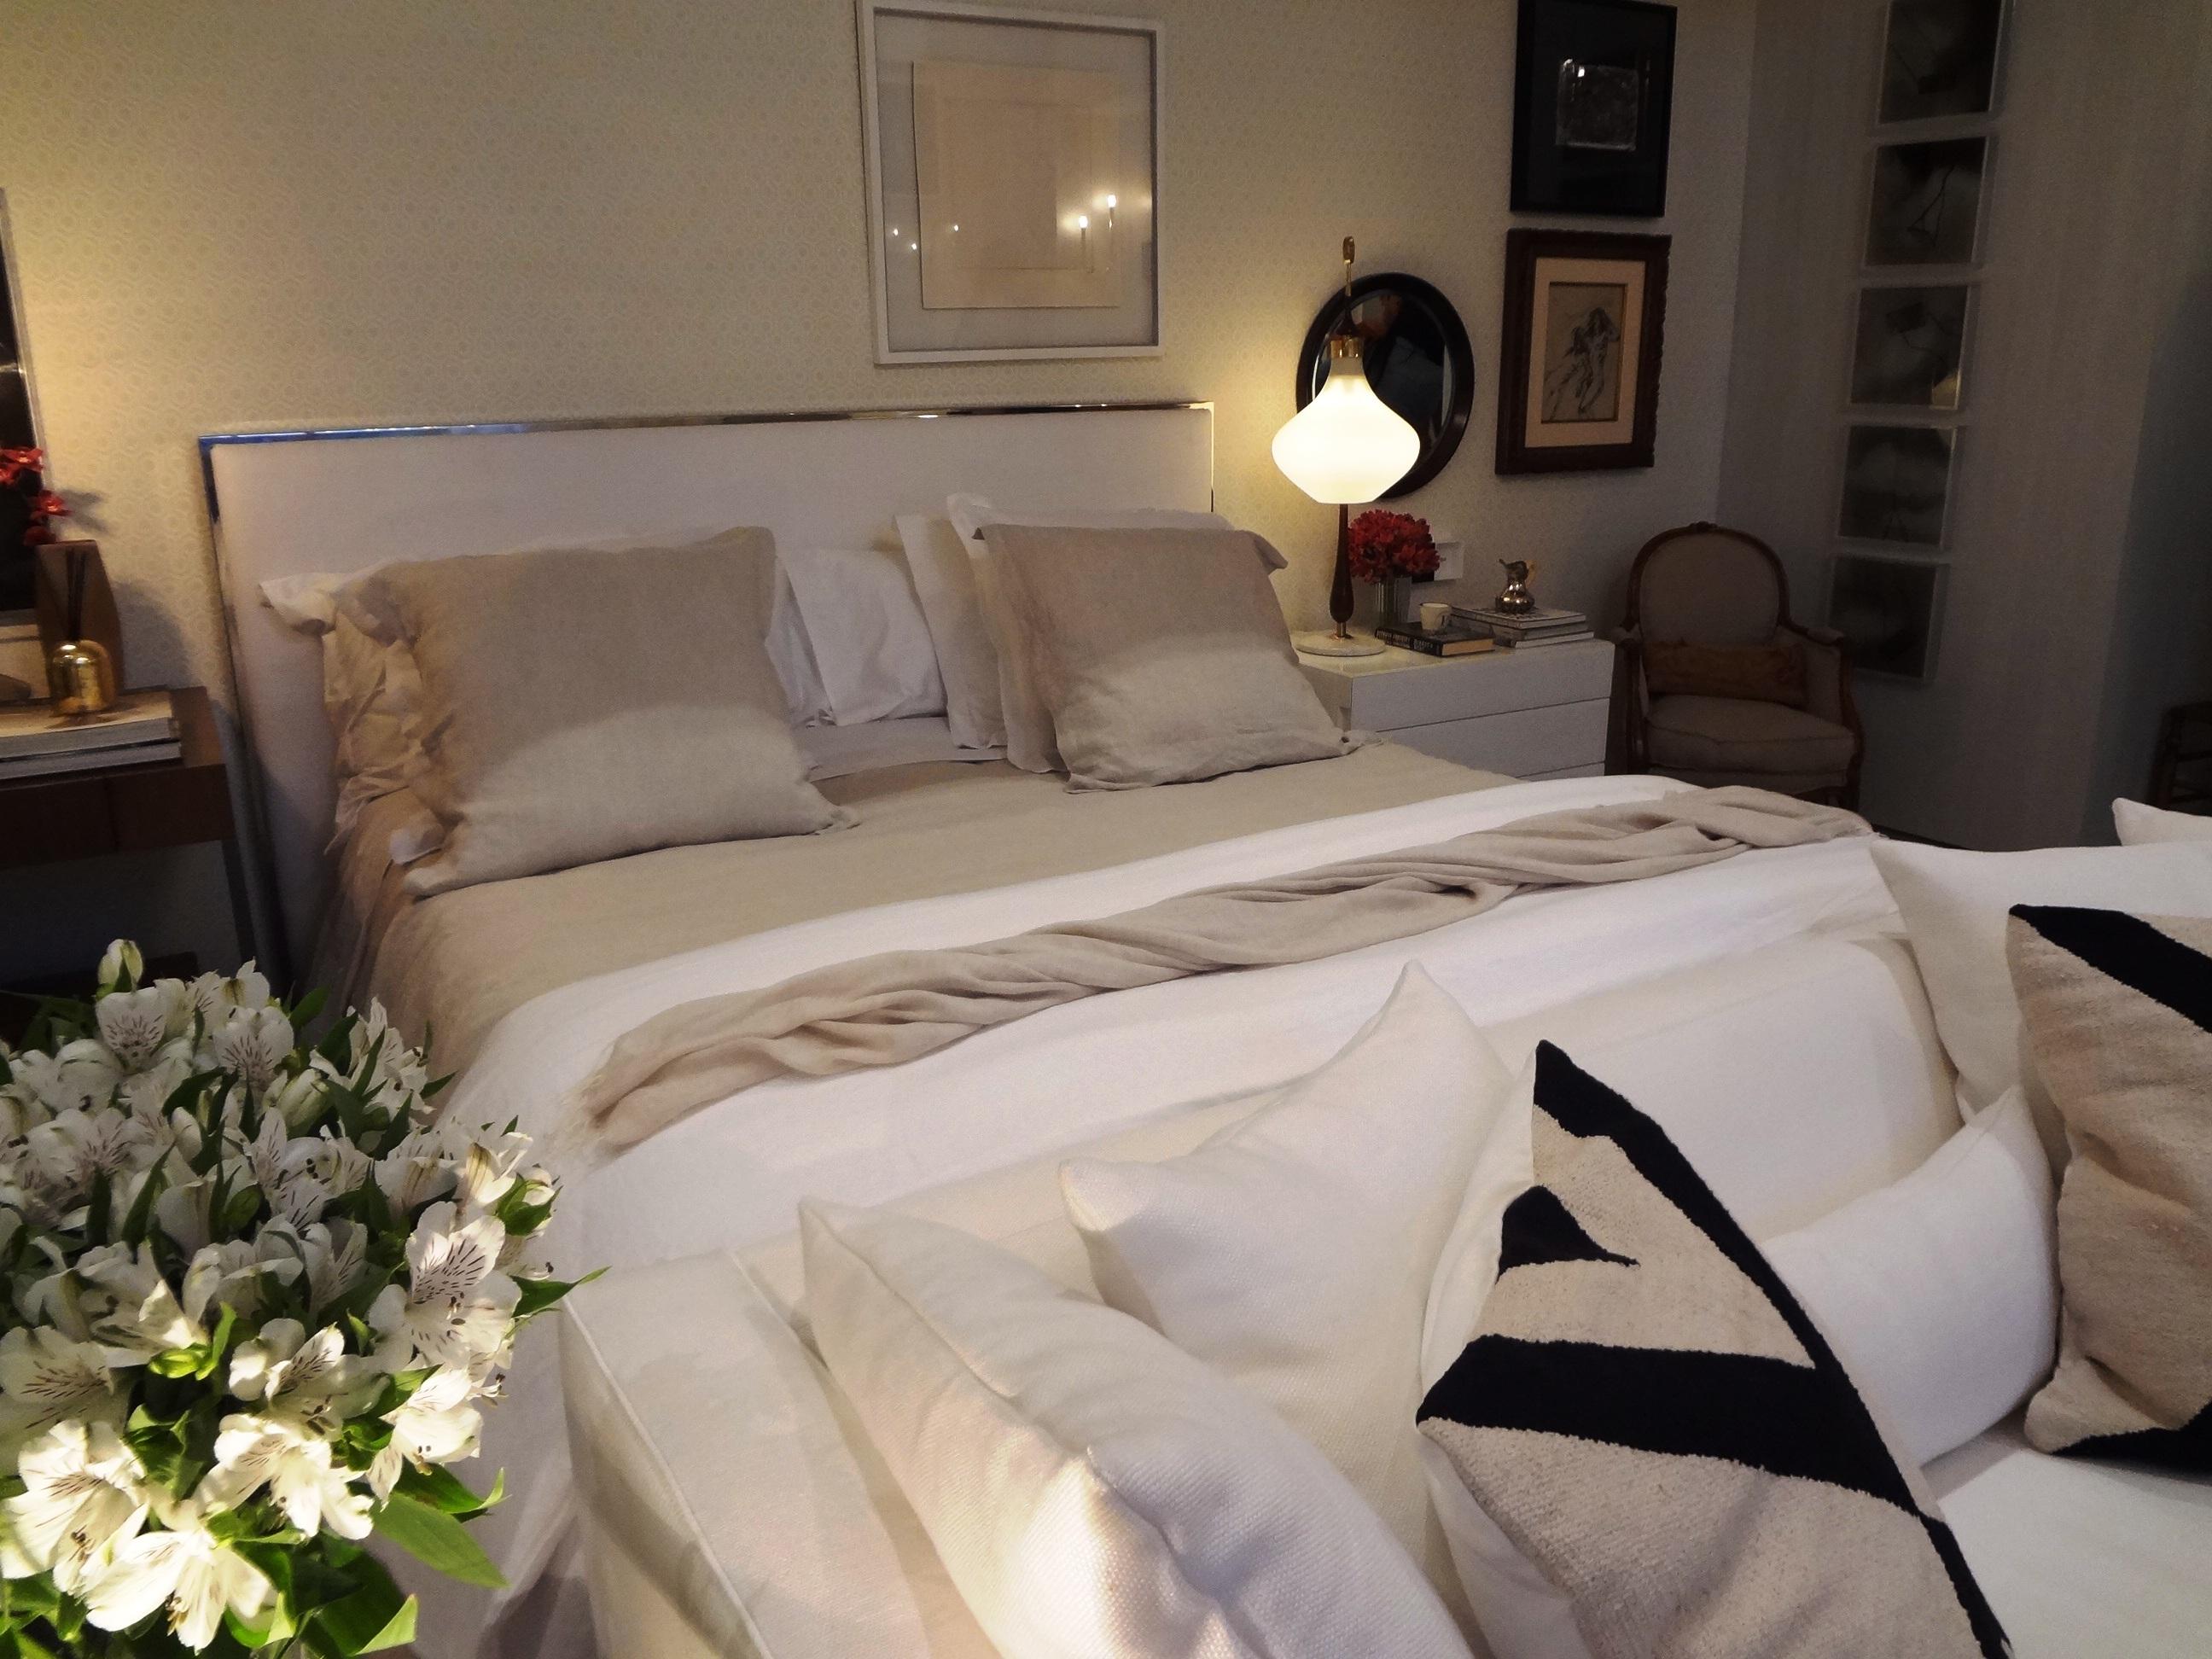 Fotos gratis : casa, decoración, cabaña, propiedad, sala, mueble ...